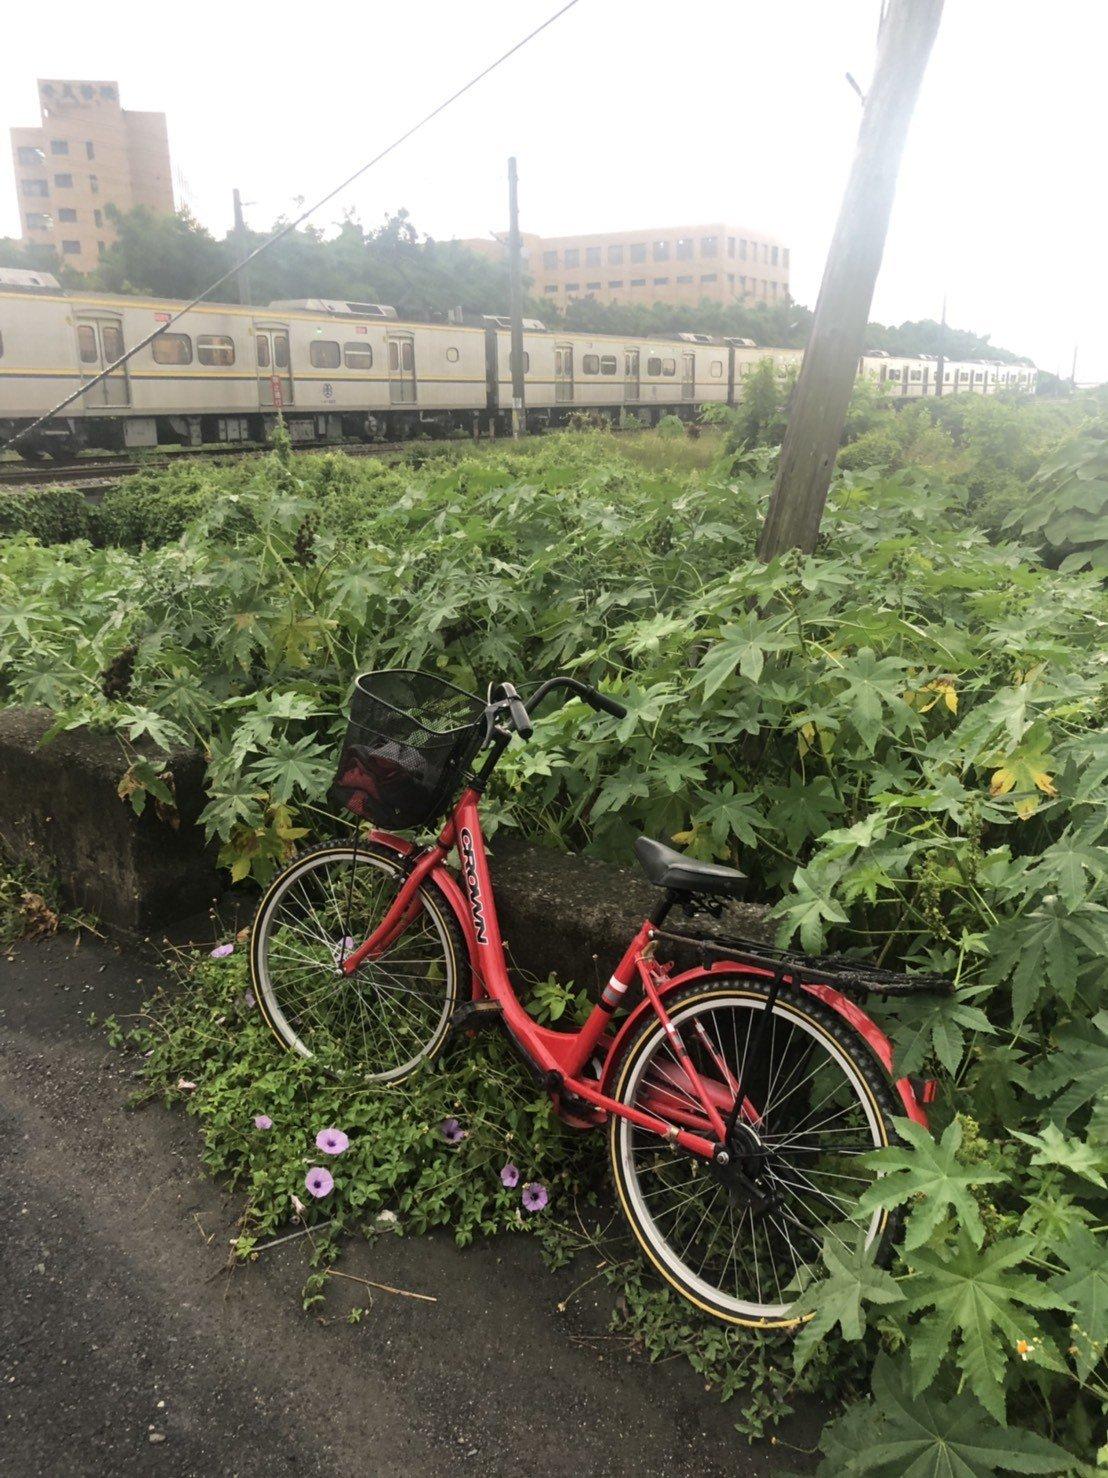 疑似男子的腳踏車。記者謝進盛/翻攝